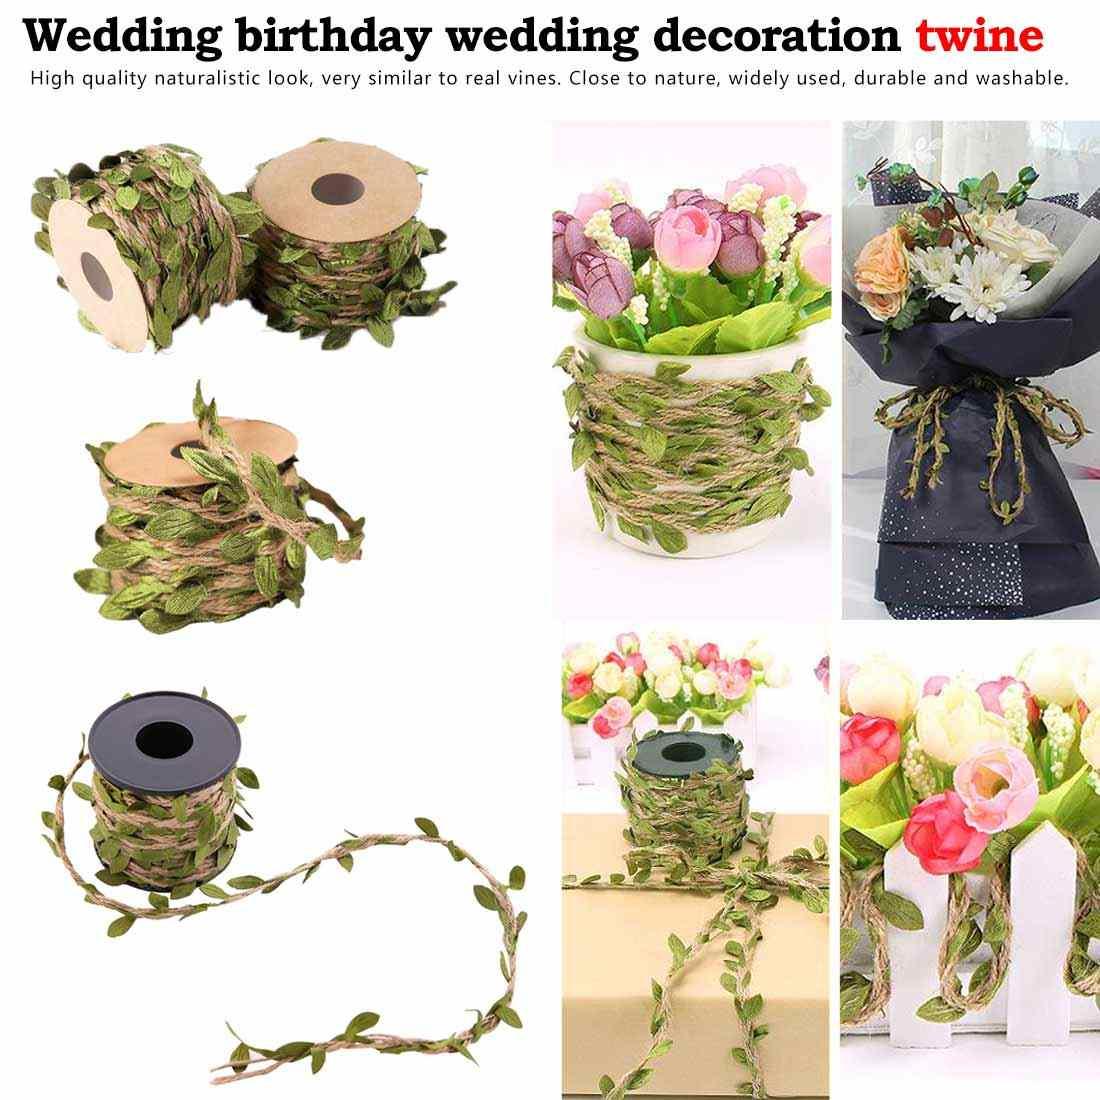 Подарочный букет упаковочная веревка 5 мм Моделирование зеленых листьев ткачество пеньковая веревка 2 м 5 м DIY Свадебные украшения на день рождения ротанга